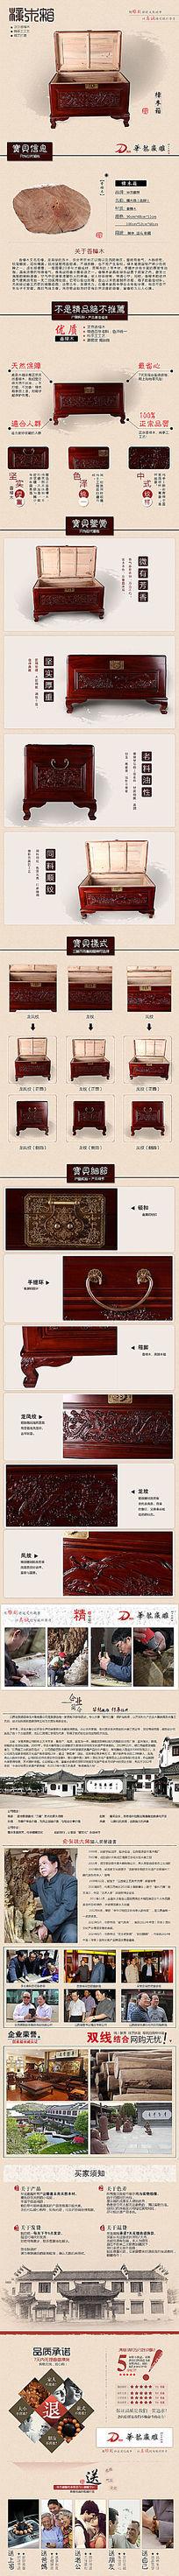 淘宝樟木箱详情描述模版